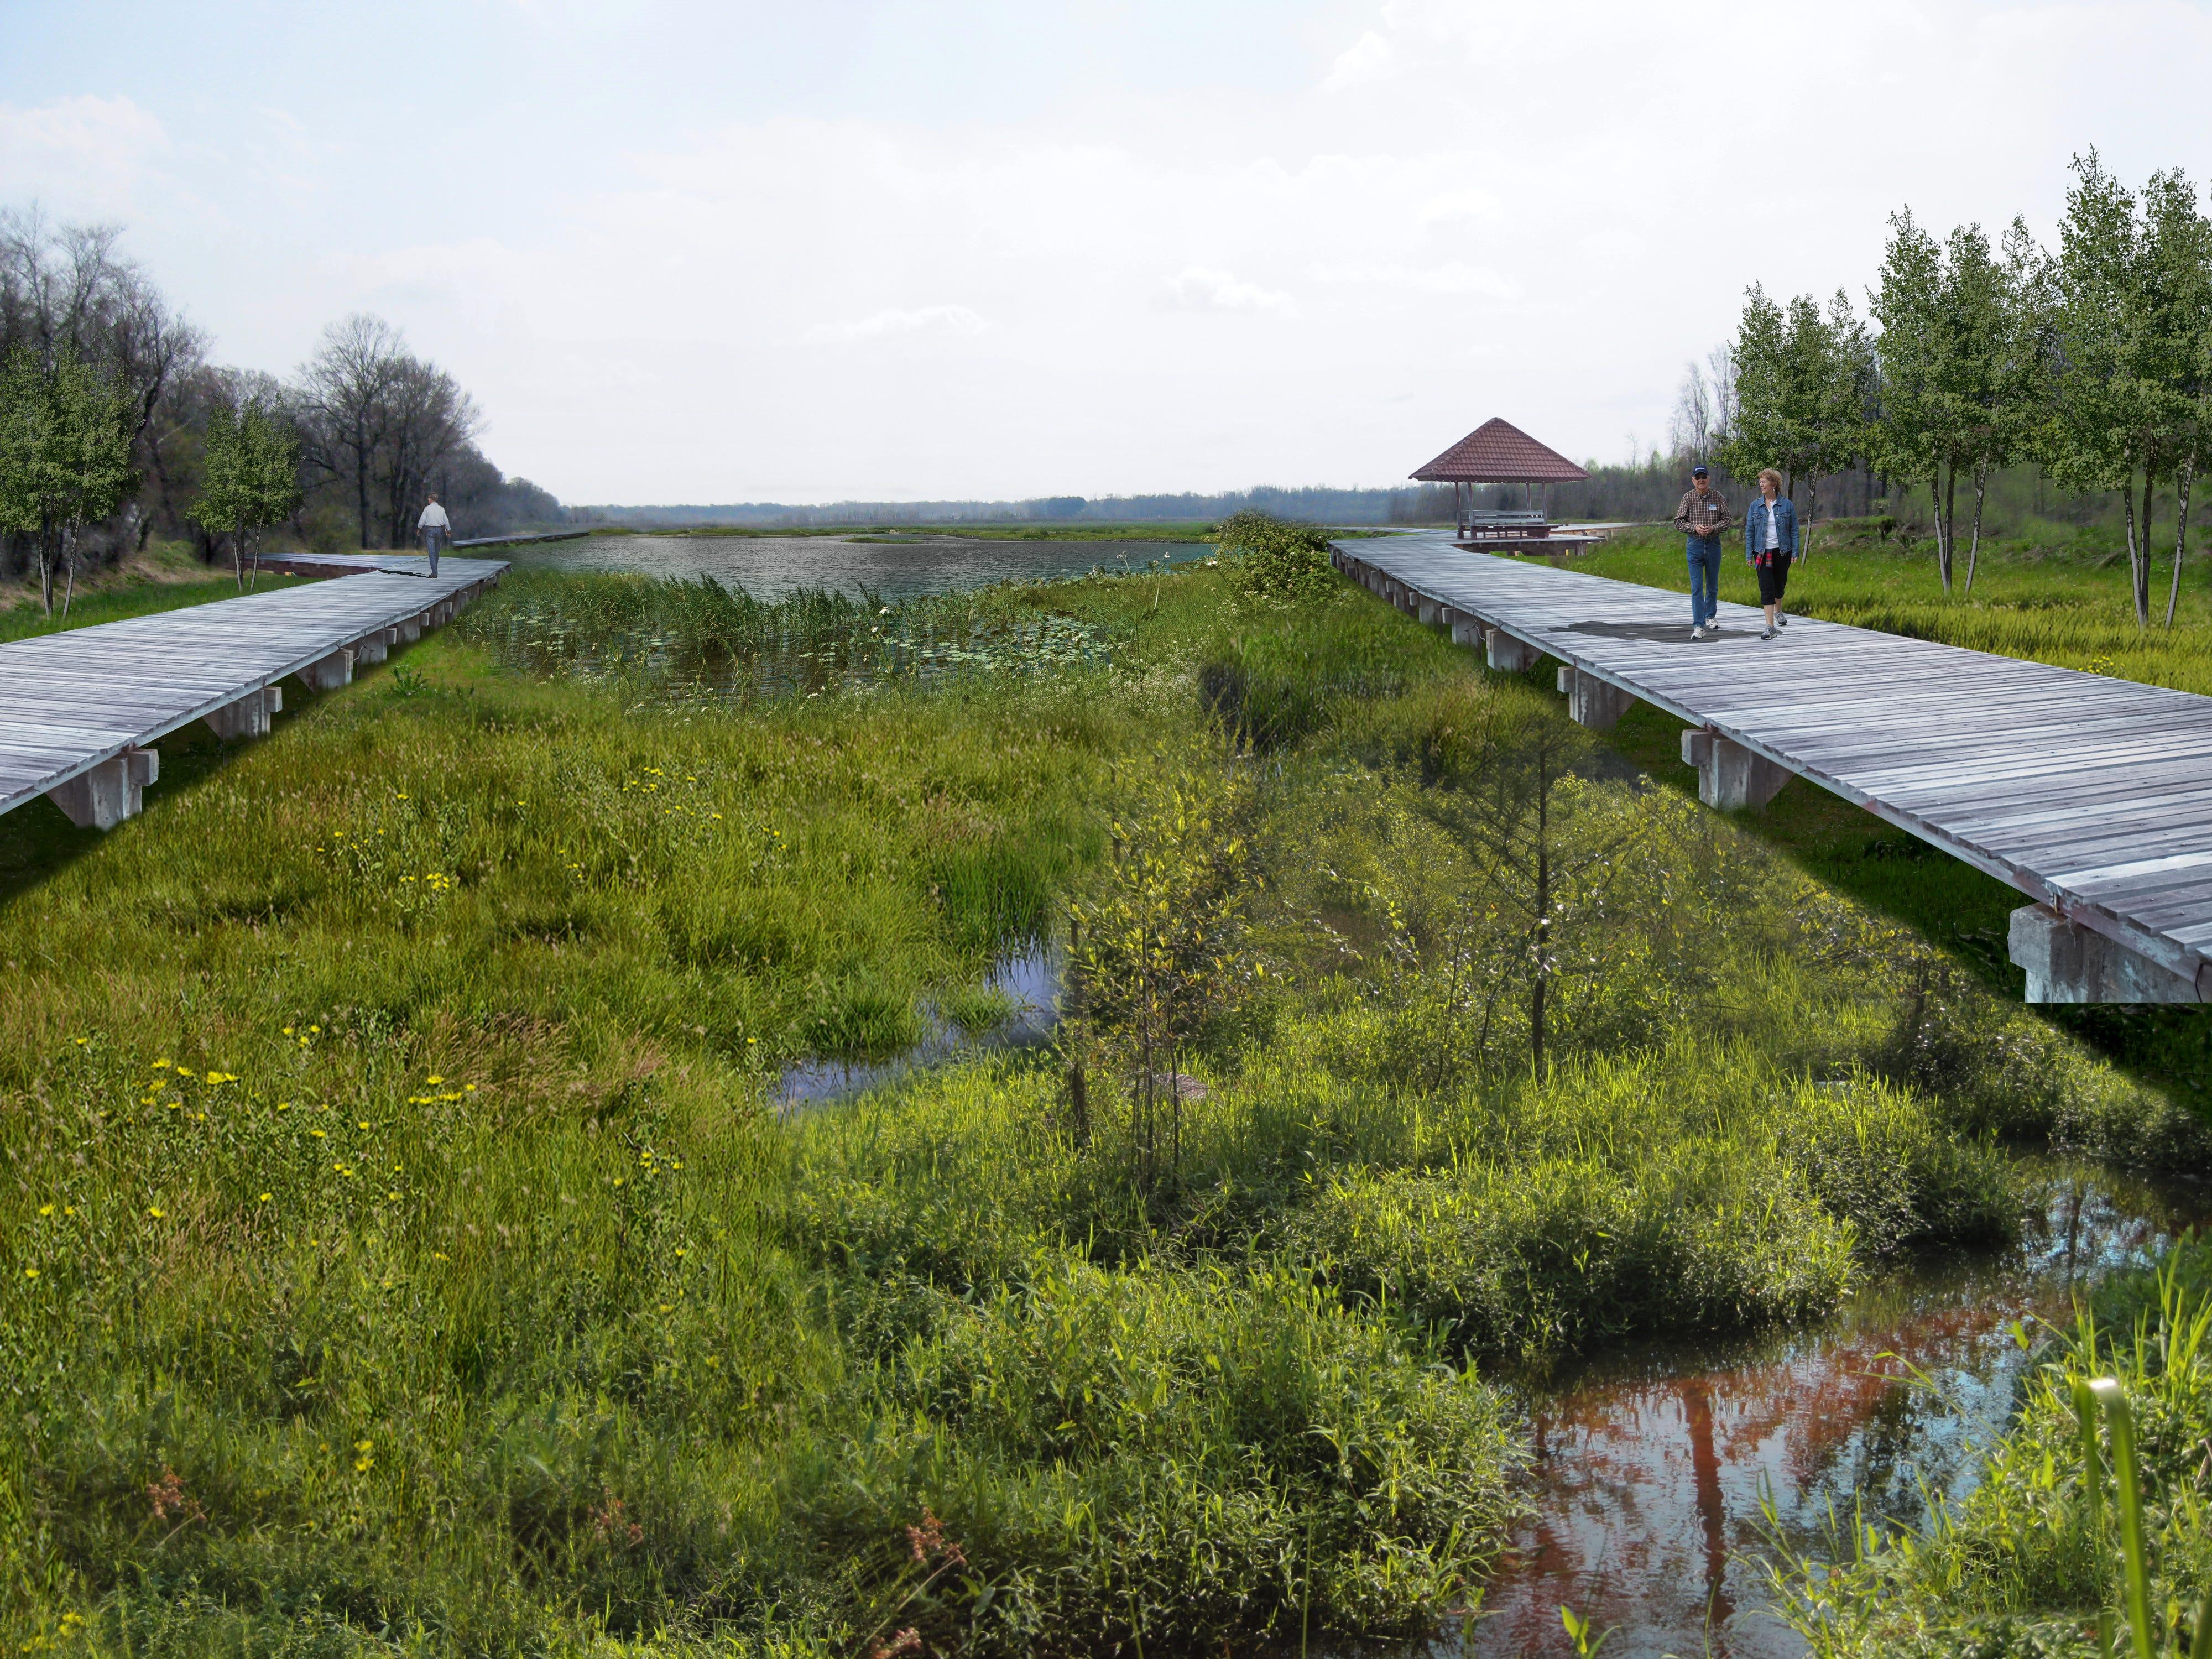 Riverside square wetlands